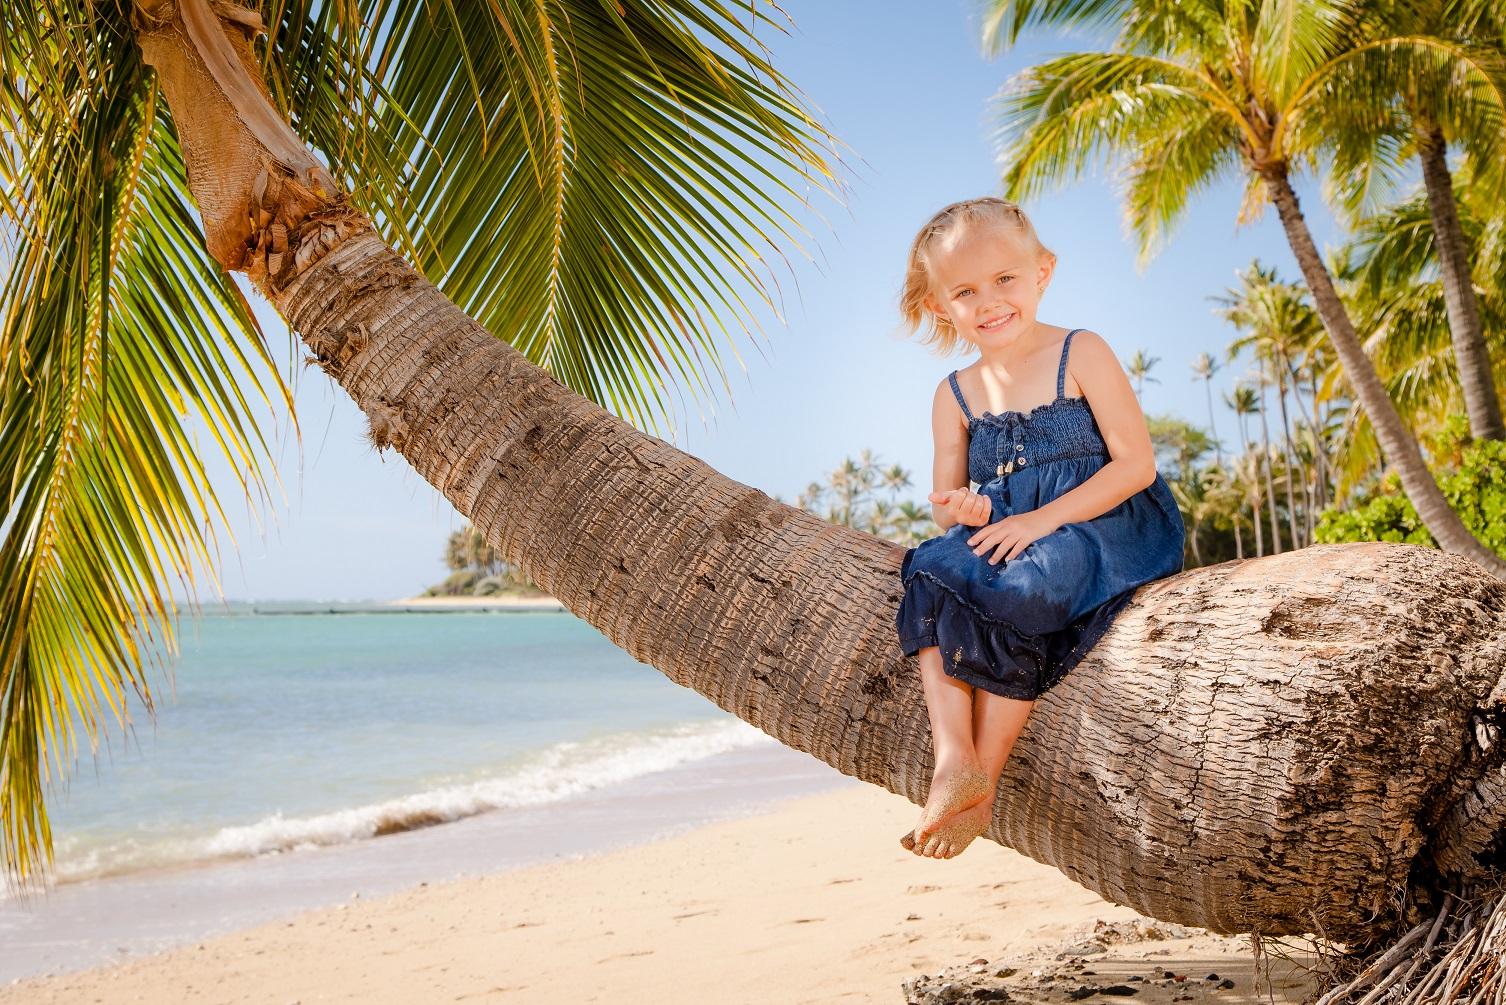 palm tree beach kids play waikiki portrait